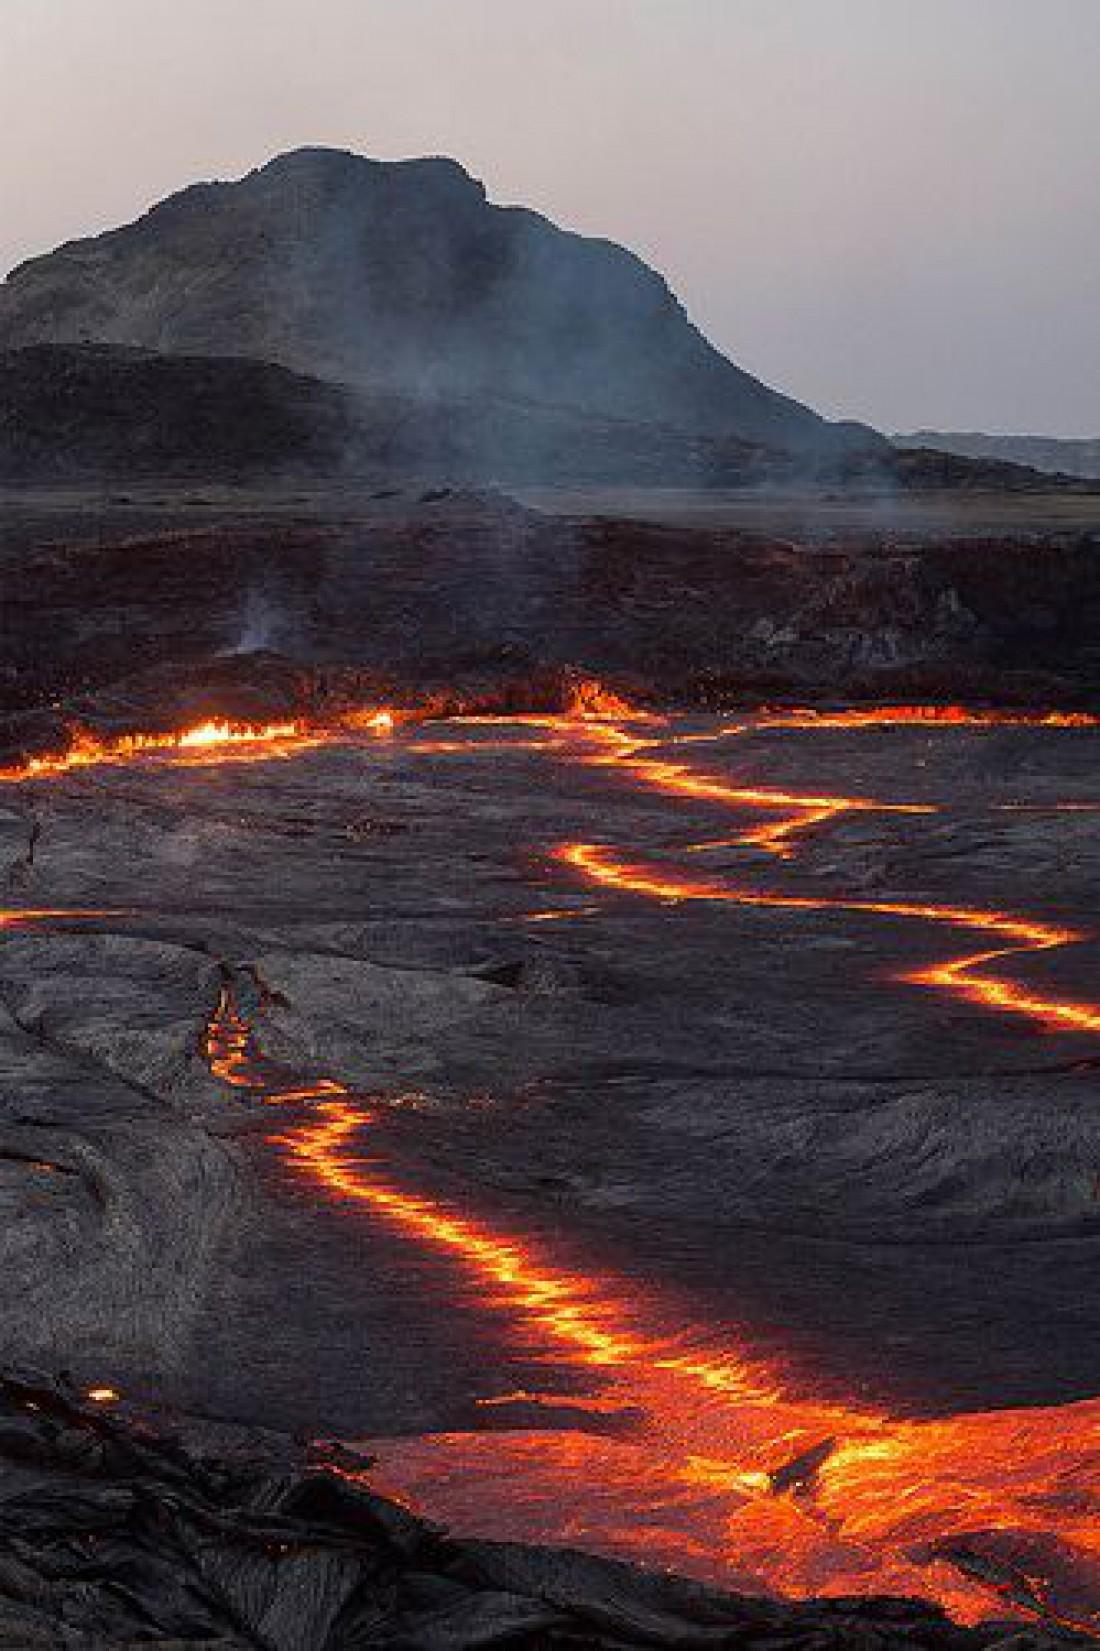 Вулкан Эрта Але - самый активный вулкан Эфиопии